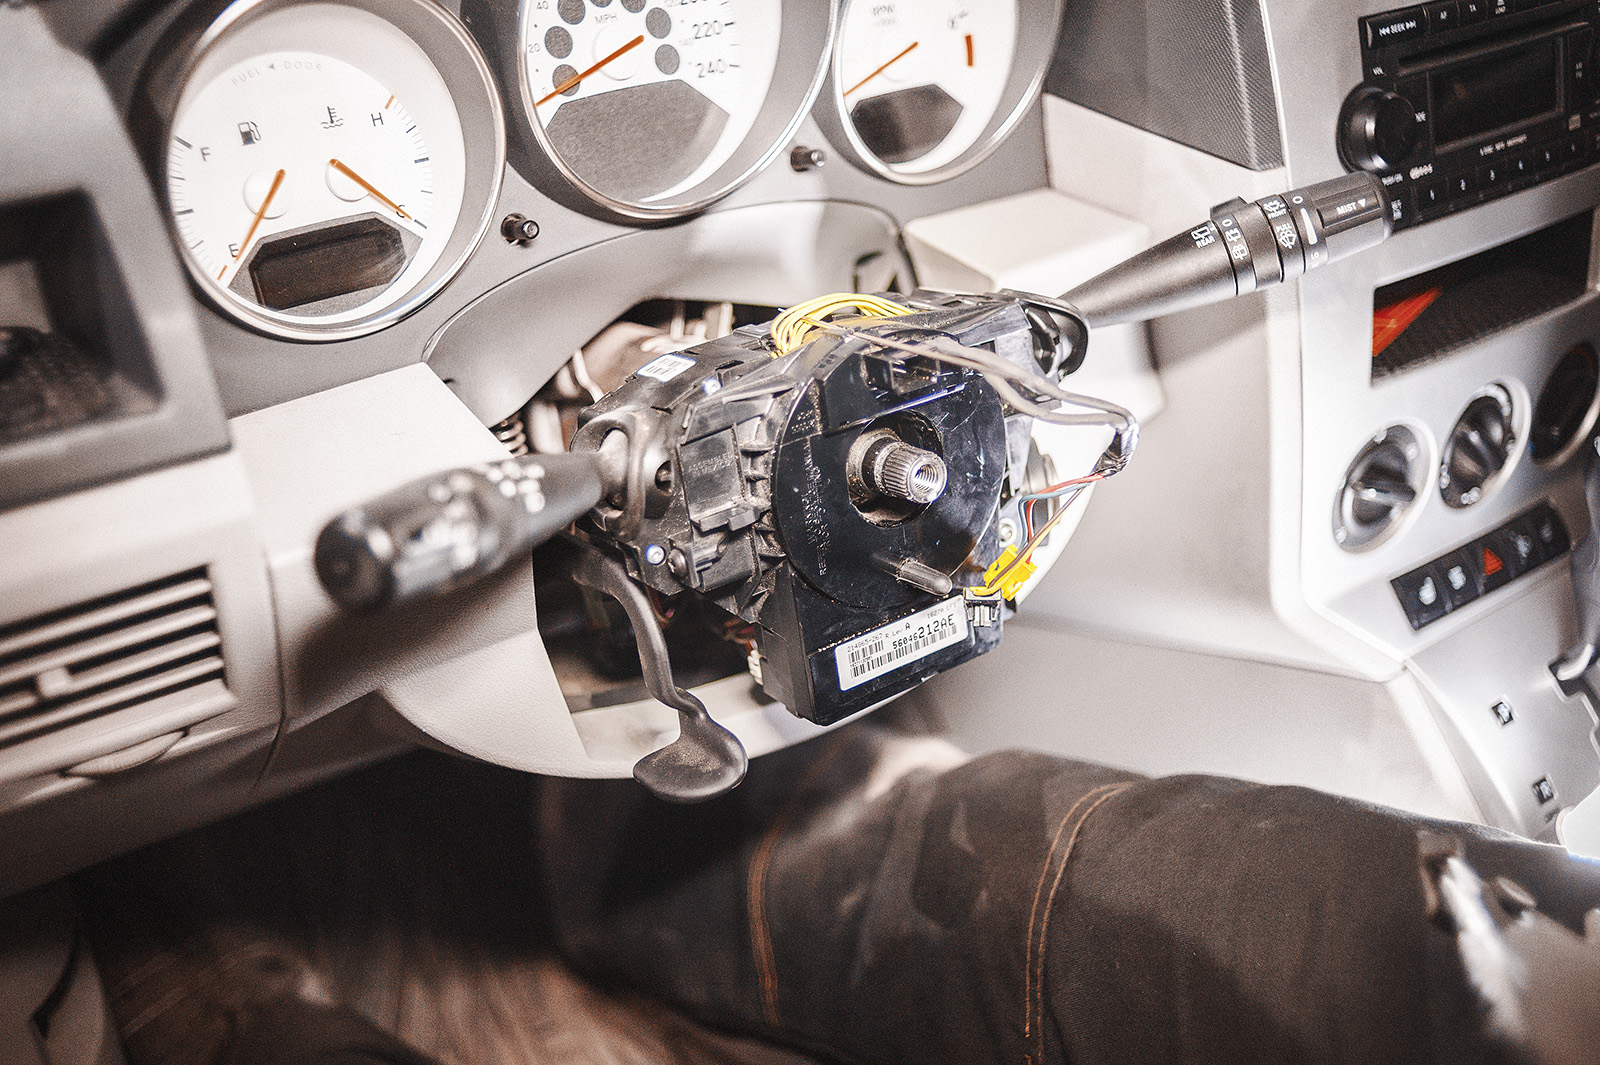 Додж Калибр со снятым рулевым колесом